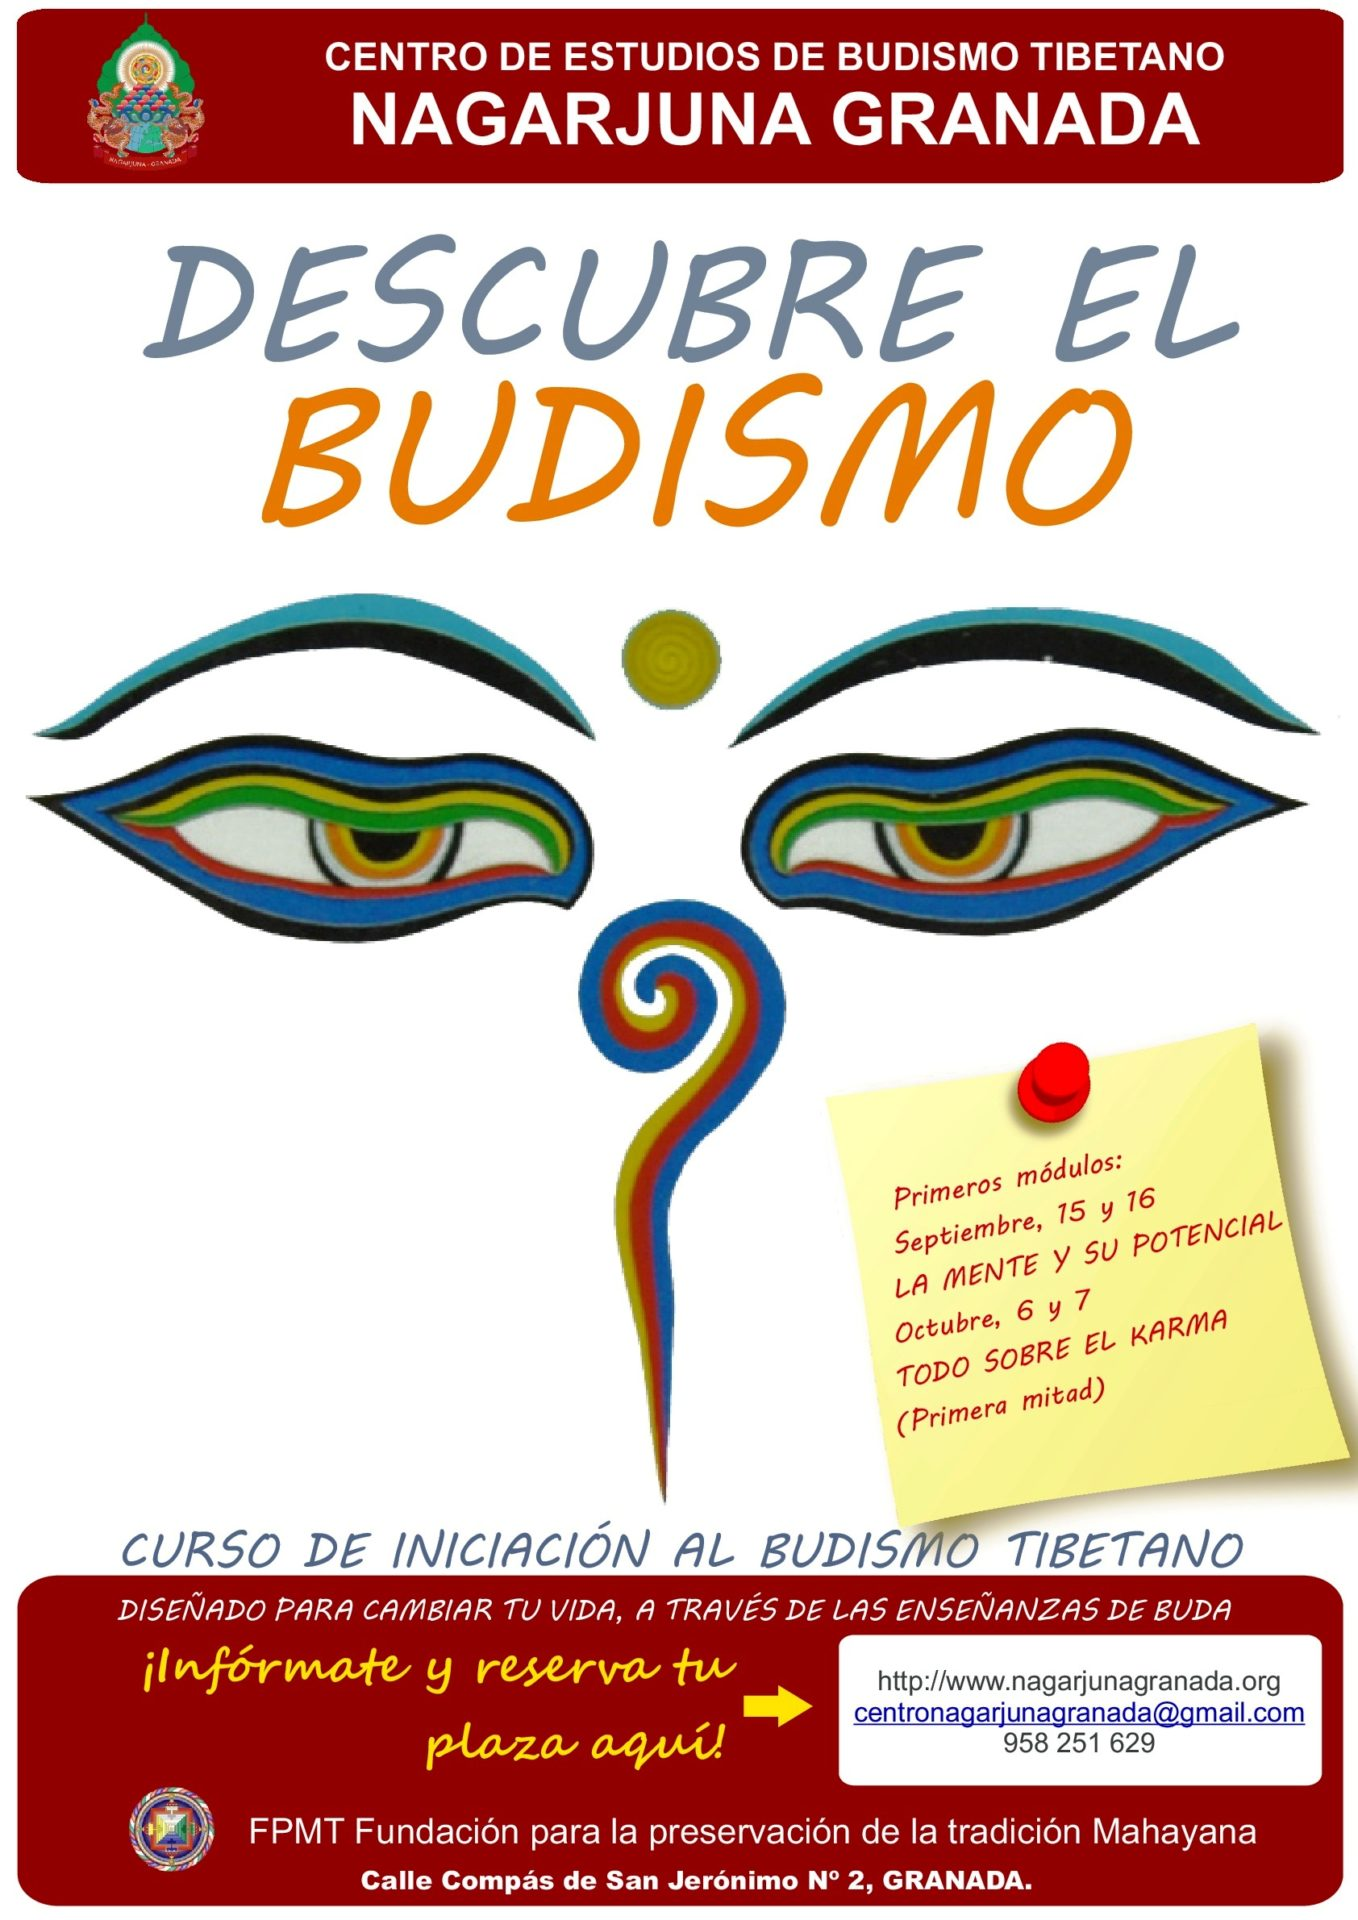 DESCUBRE EL BUDISMO sept 2018